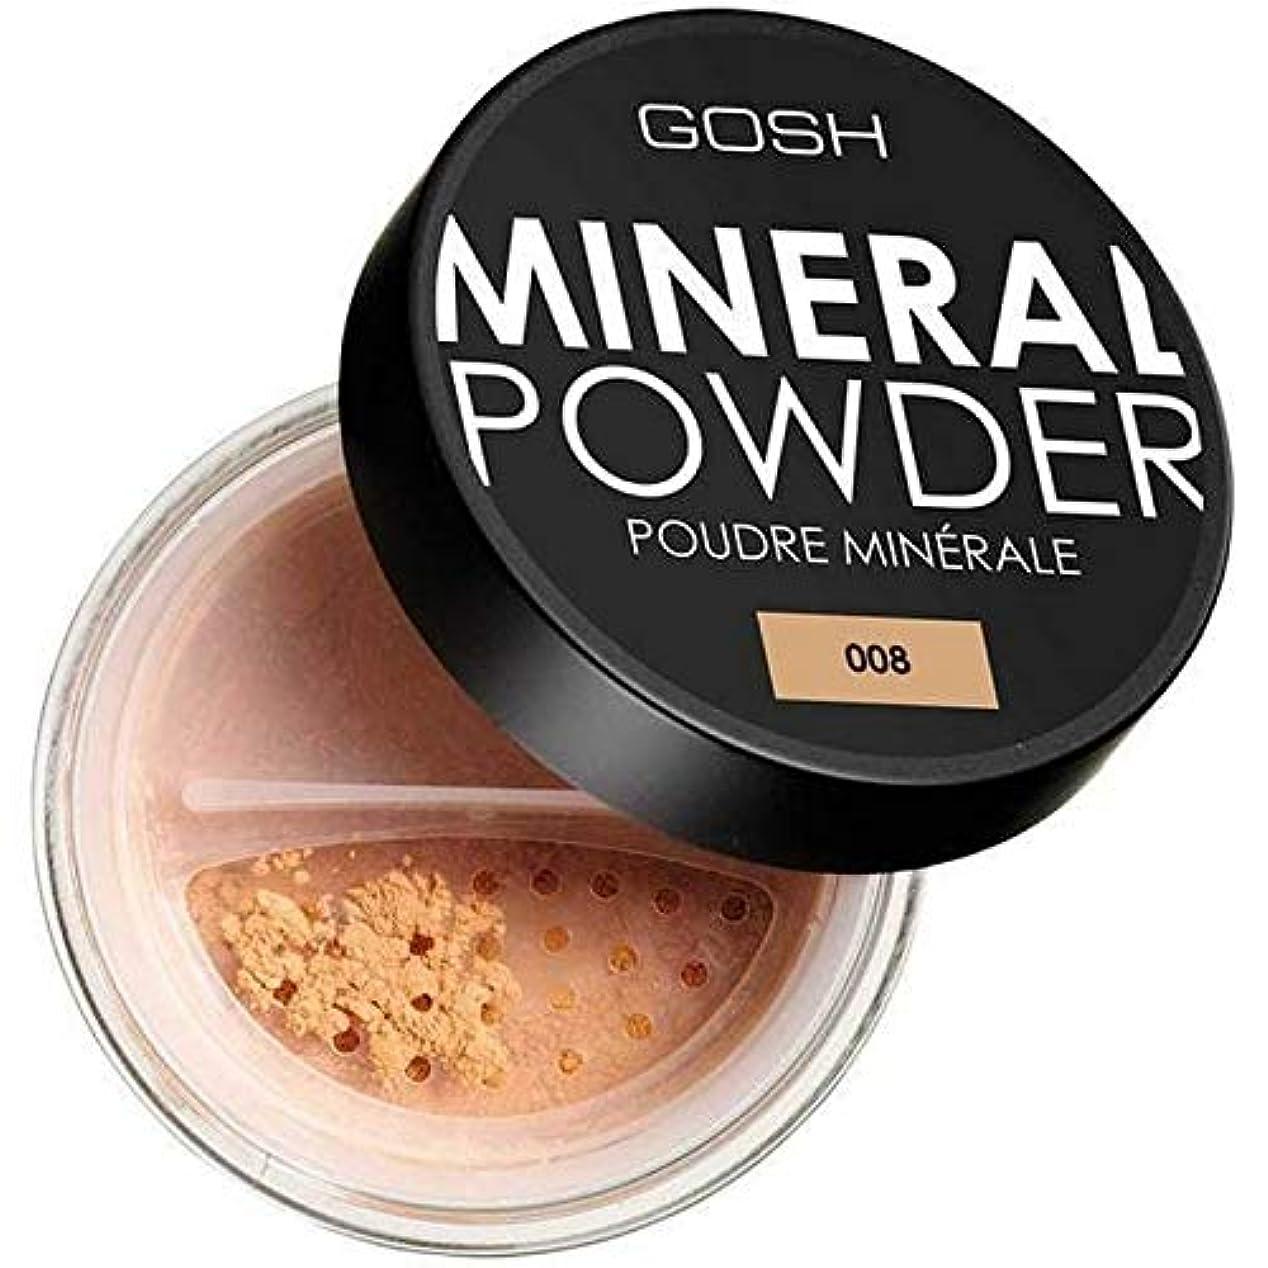 経験者不安に同意する[GOSH ] おやっミネラルフルカバーファンデーションパウダー日焼け008 - GOSH Mineral Full Coverage Foundation Powder Tan 008 [並行輸入品]